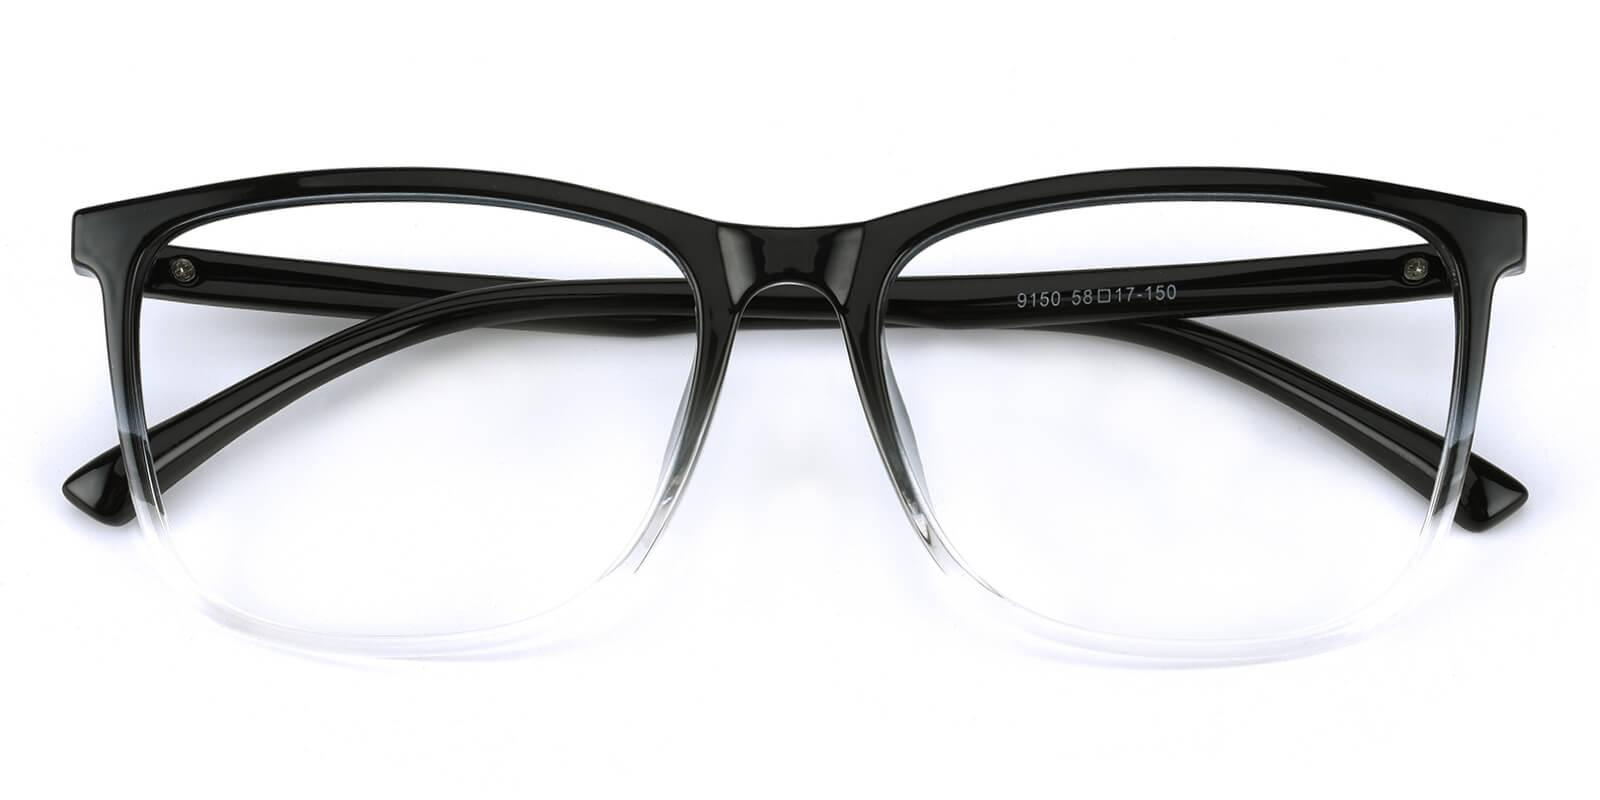 Poise-Black-Square-TR-Eyeglasses-detail